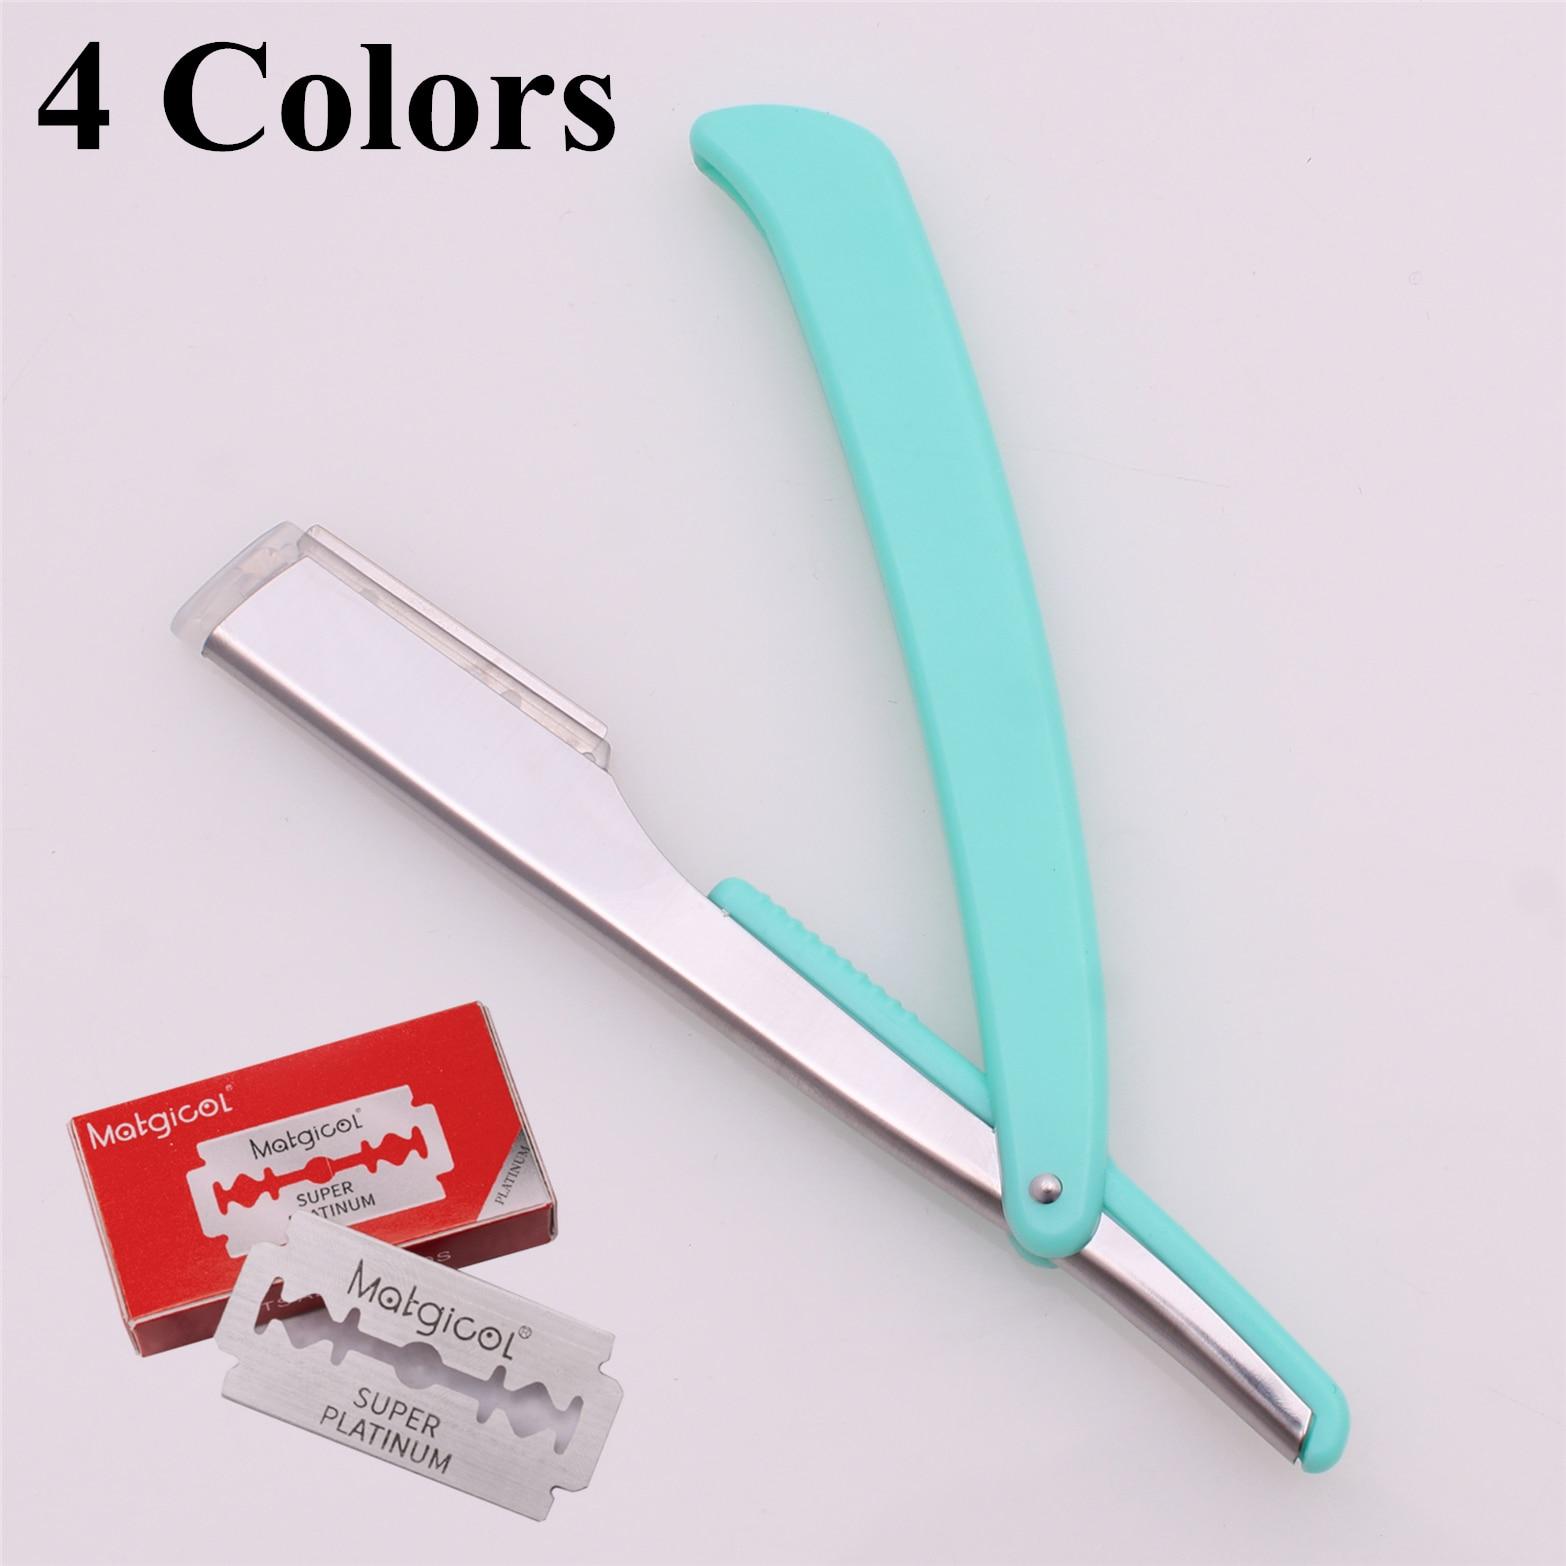 Hair Cut Razor Male Female Shaving Razors Barber Hair Razors Salon & Home Folding Shaver Knife ABS Holder 1 Pcs + 10 Blade 74#